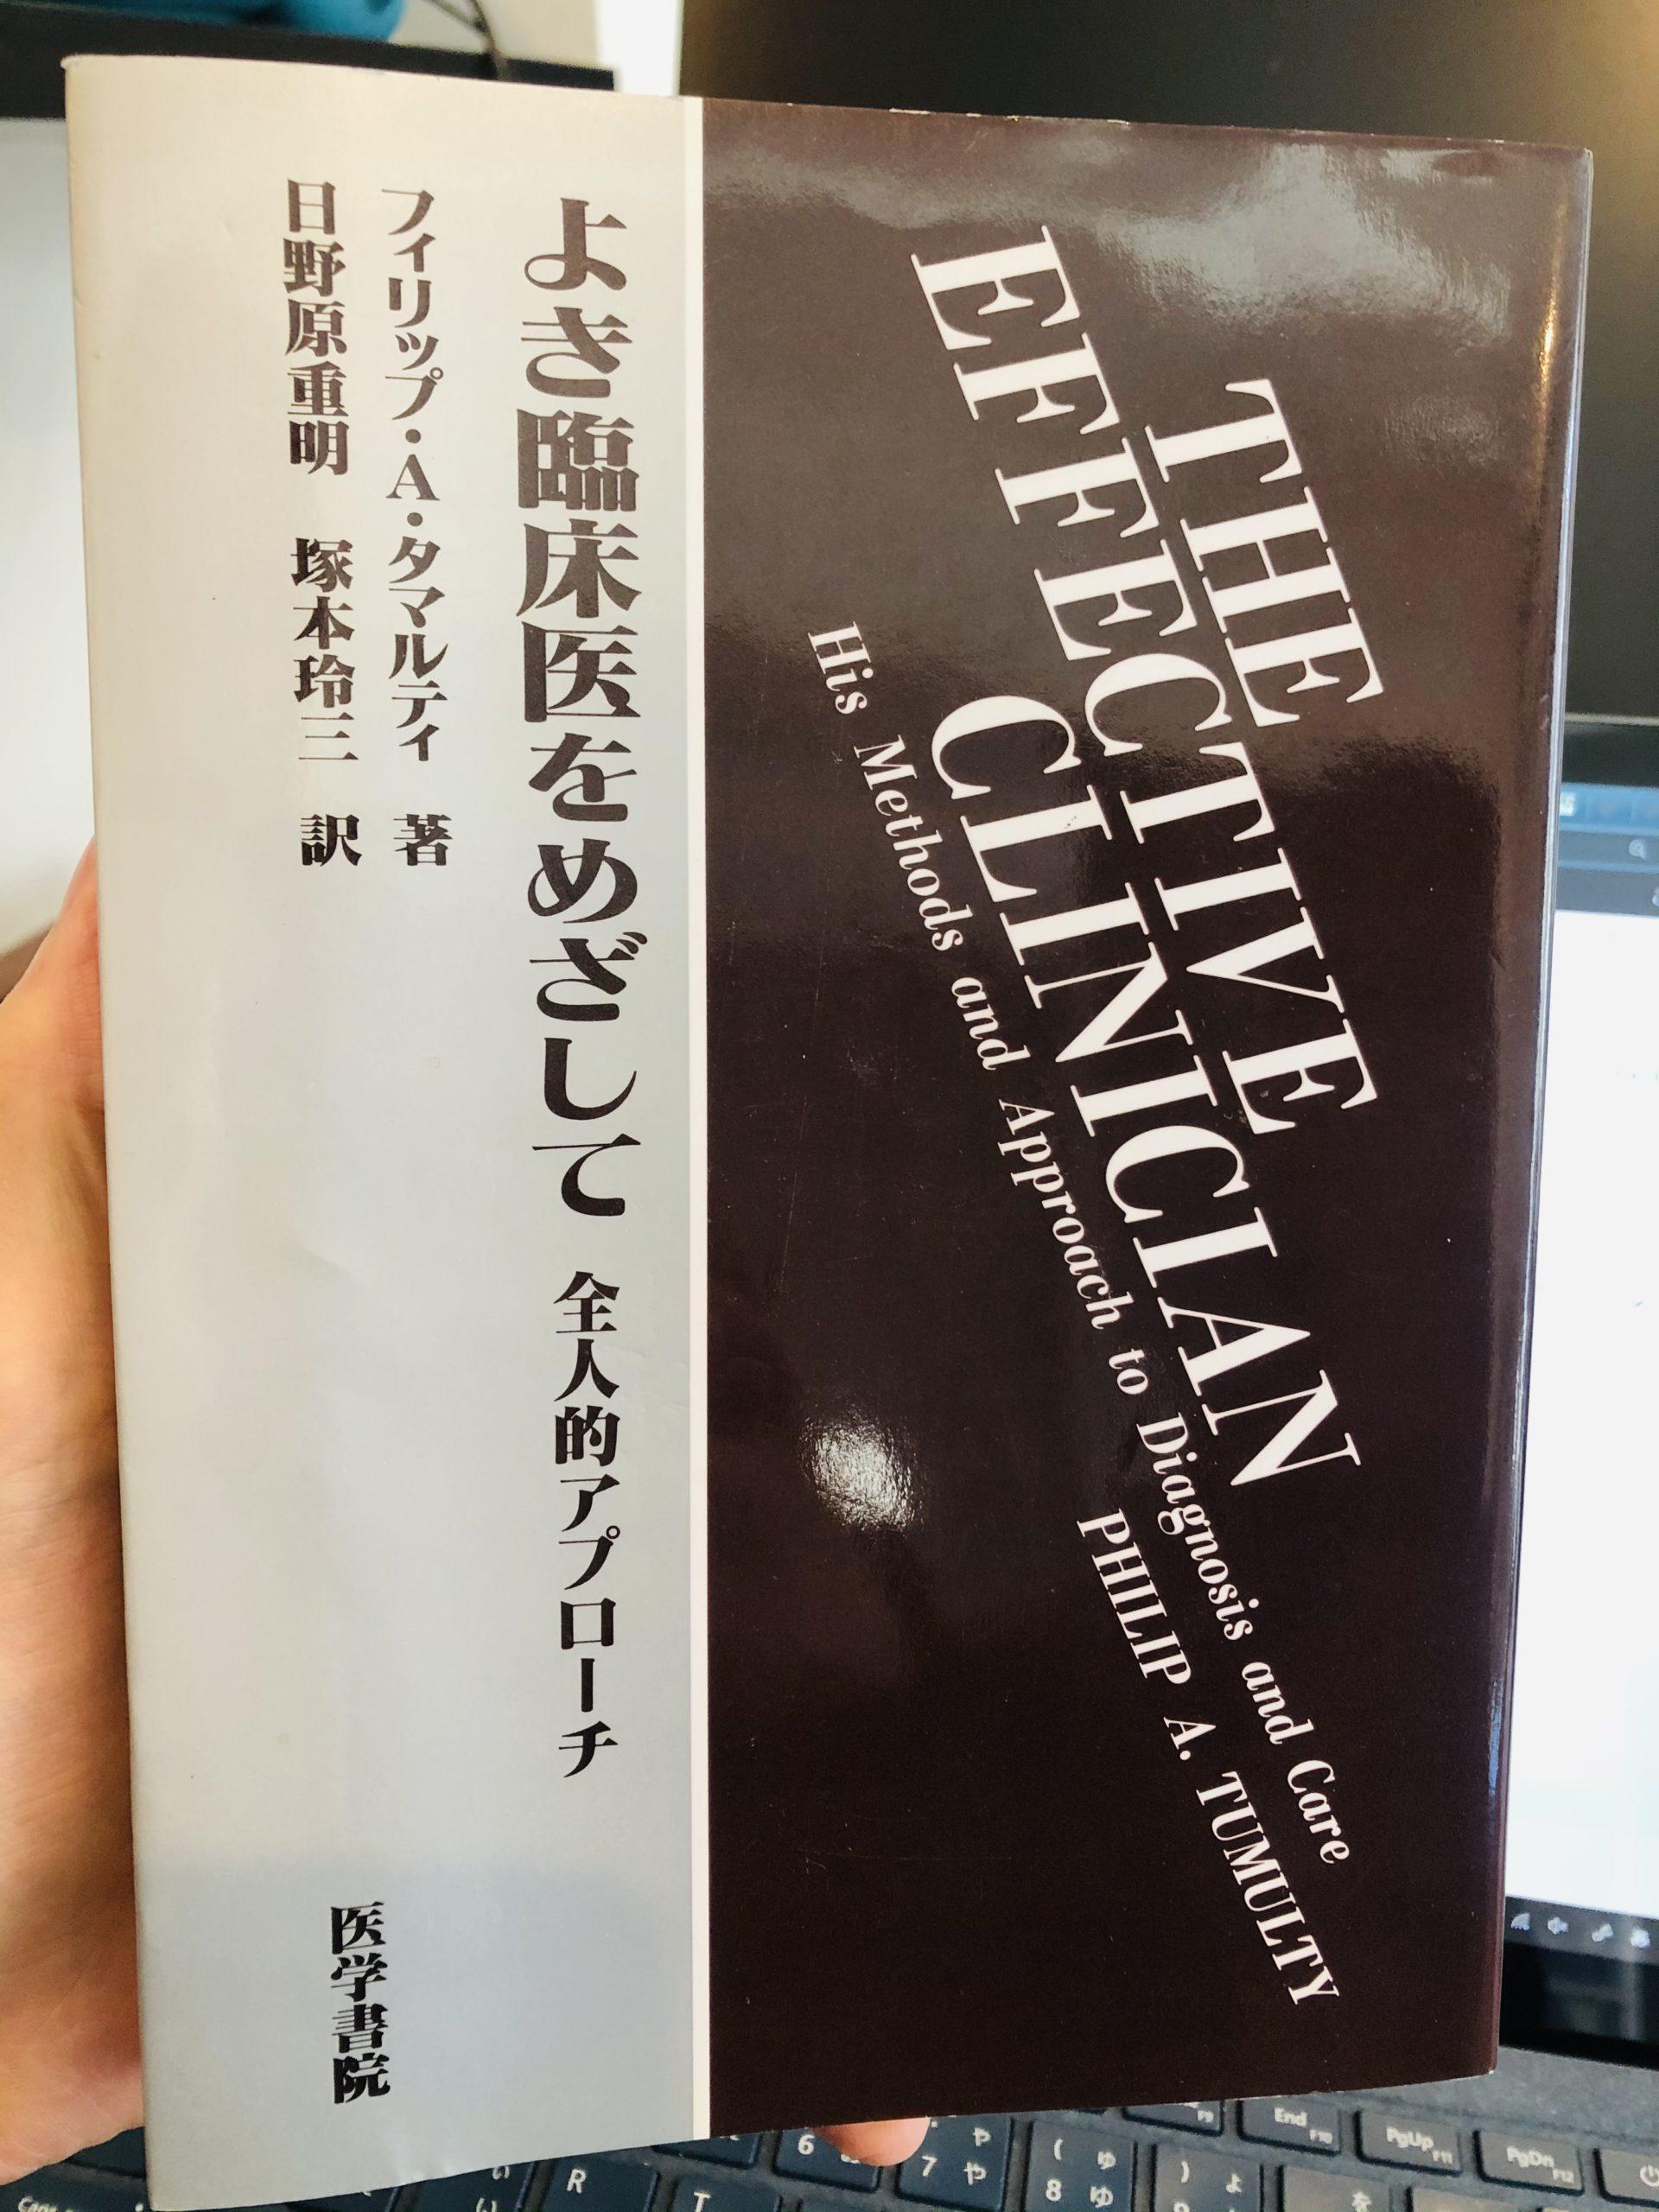 「よき臨床医をめざして」 著:フィリップ・A・タマルティ